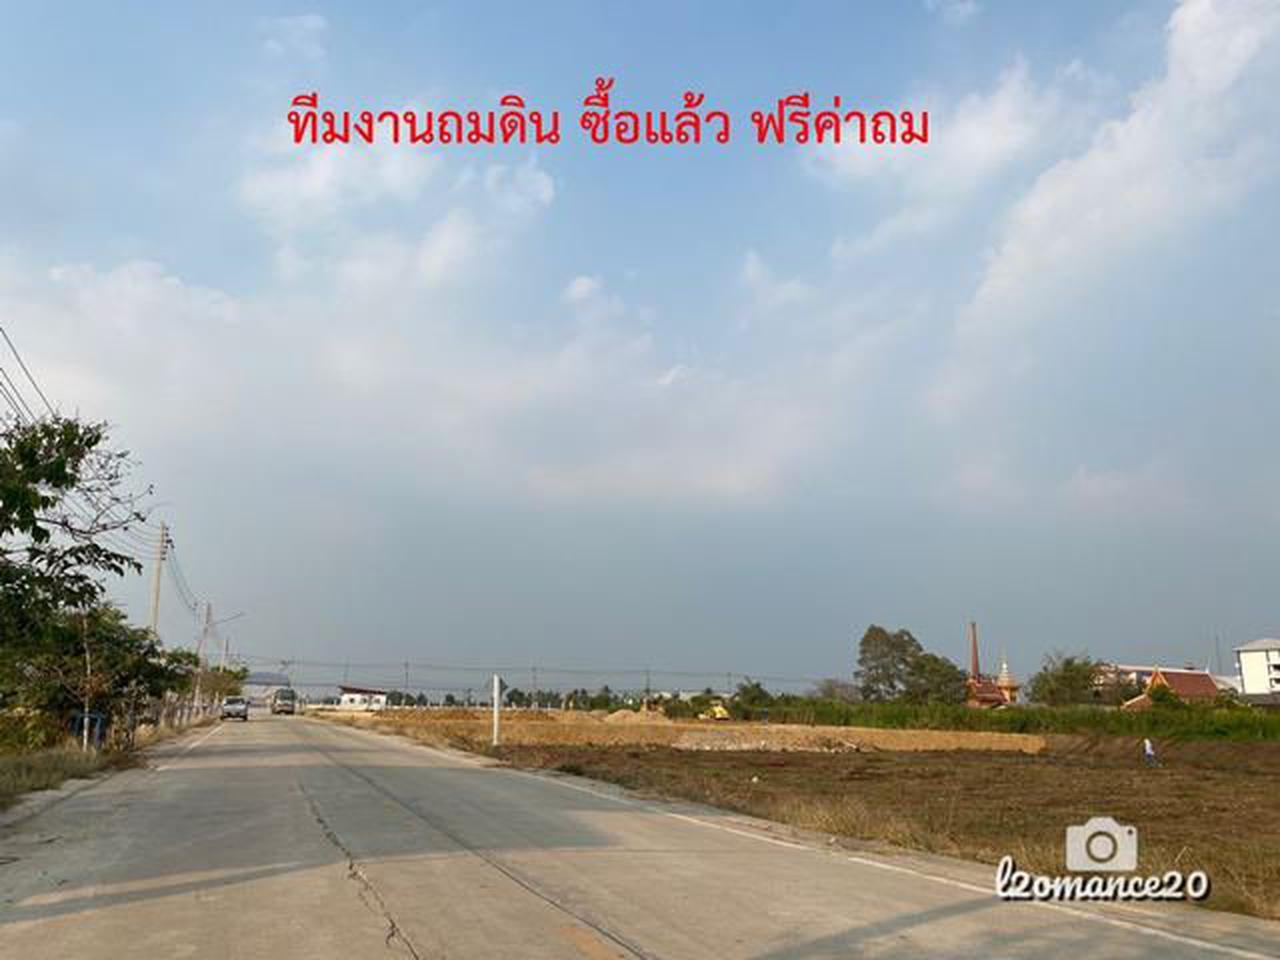 S301 ที่ดินแบ่งขาย 10 ไร่ ถมฟรี ราคา 4 ล้านบาท/ไร่ ขายที่ดินนนทบุรี รูปที่ 4